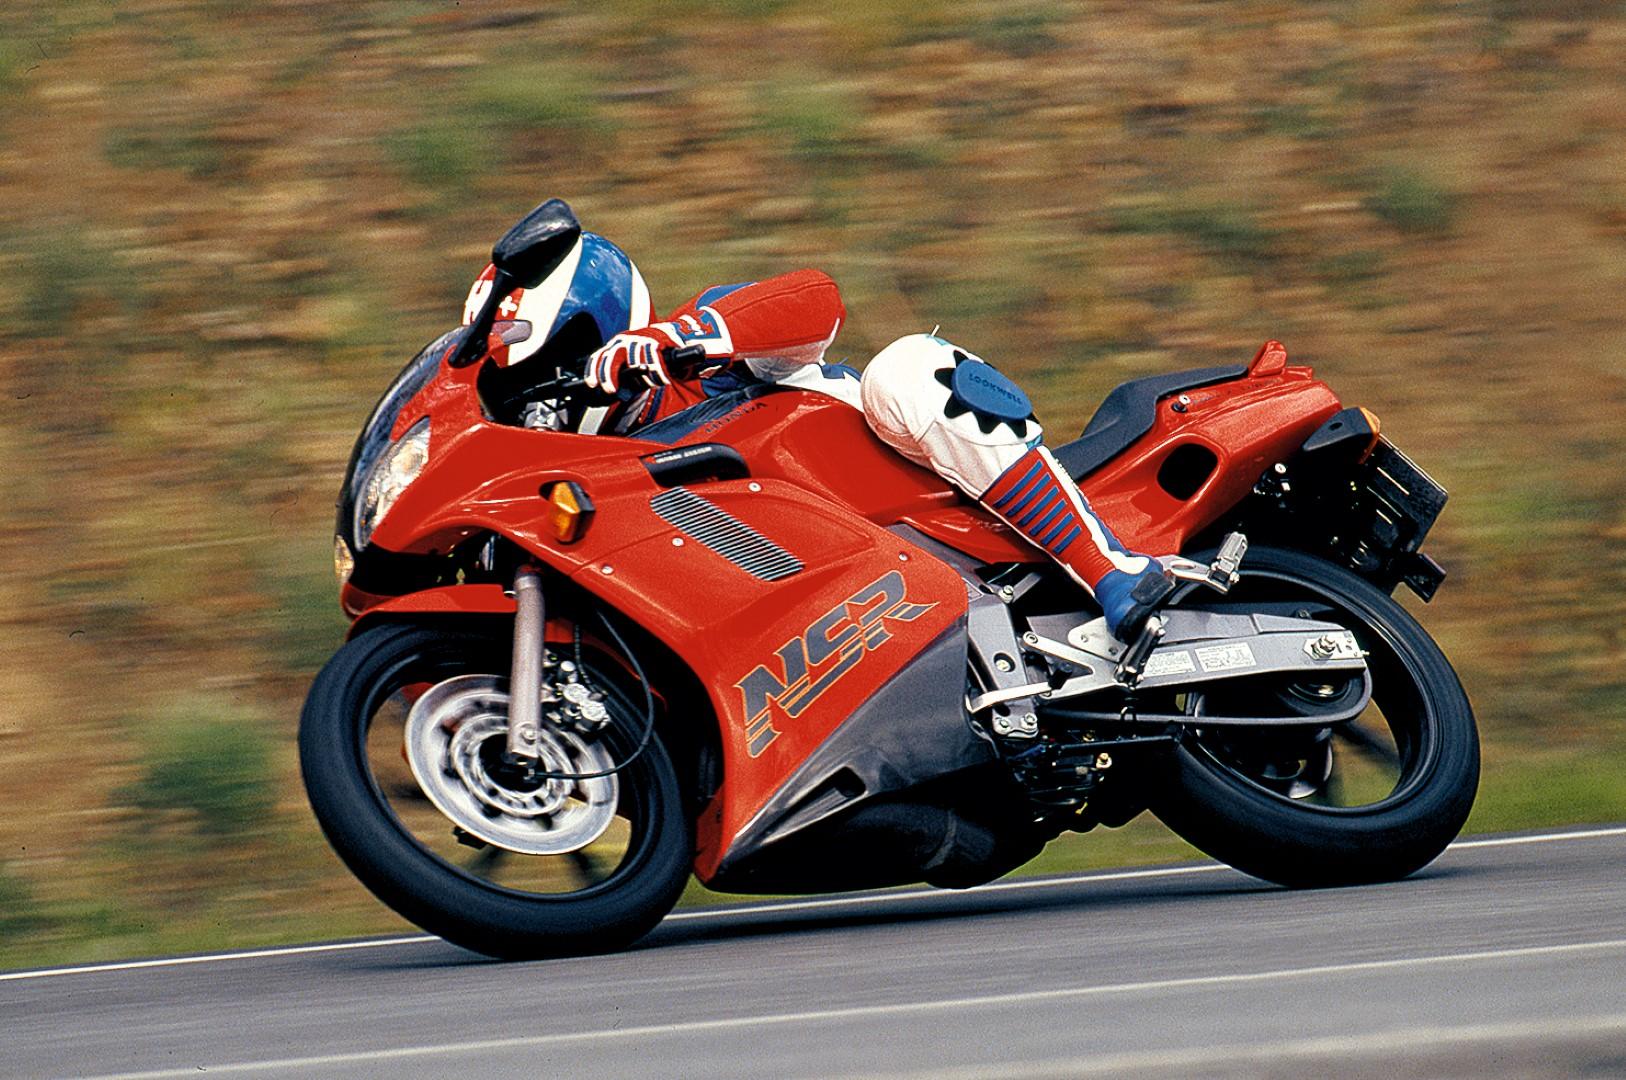 Aquellas motos deportivas de 125 cc